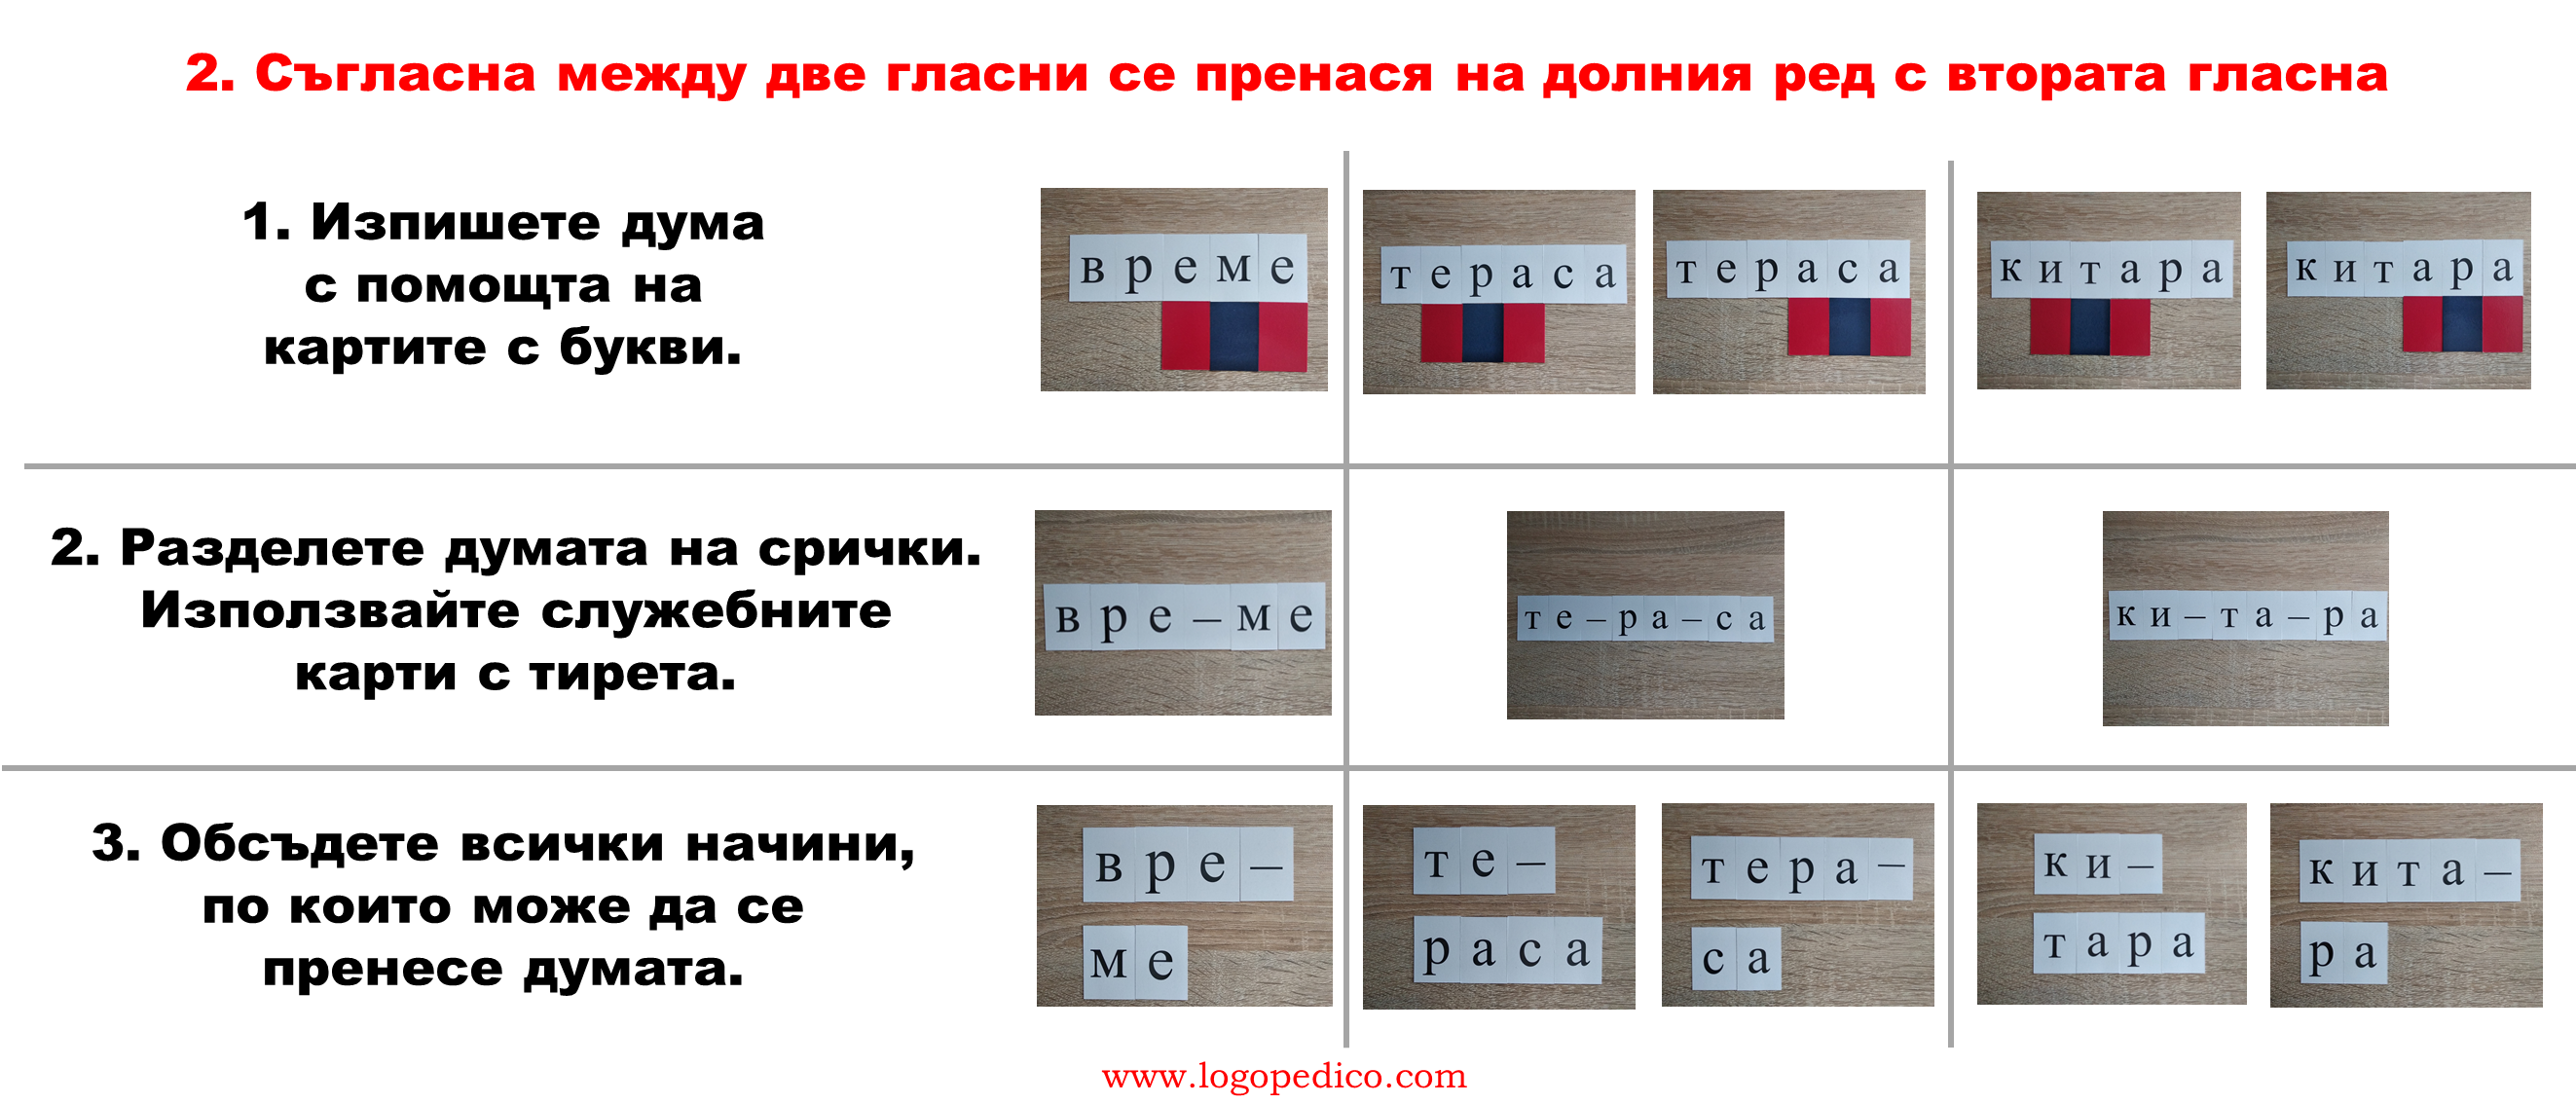 Логопедико - saglasna 1 - образователни помагала, занимания и материали